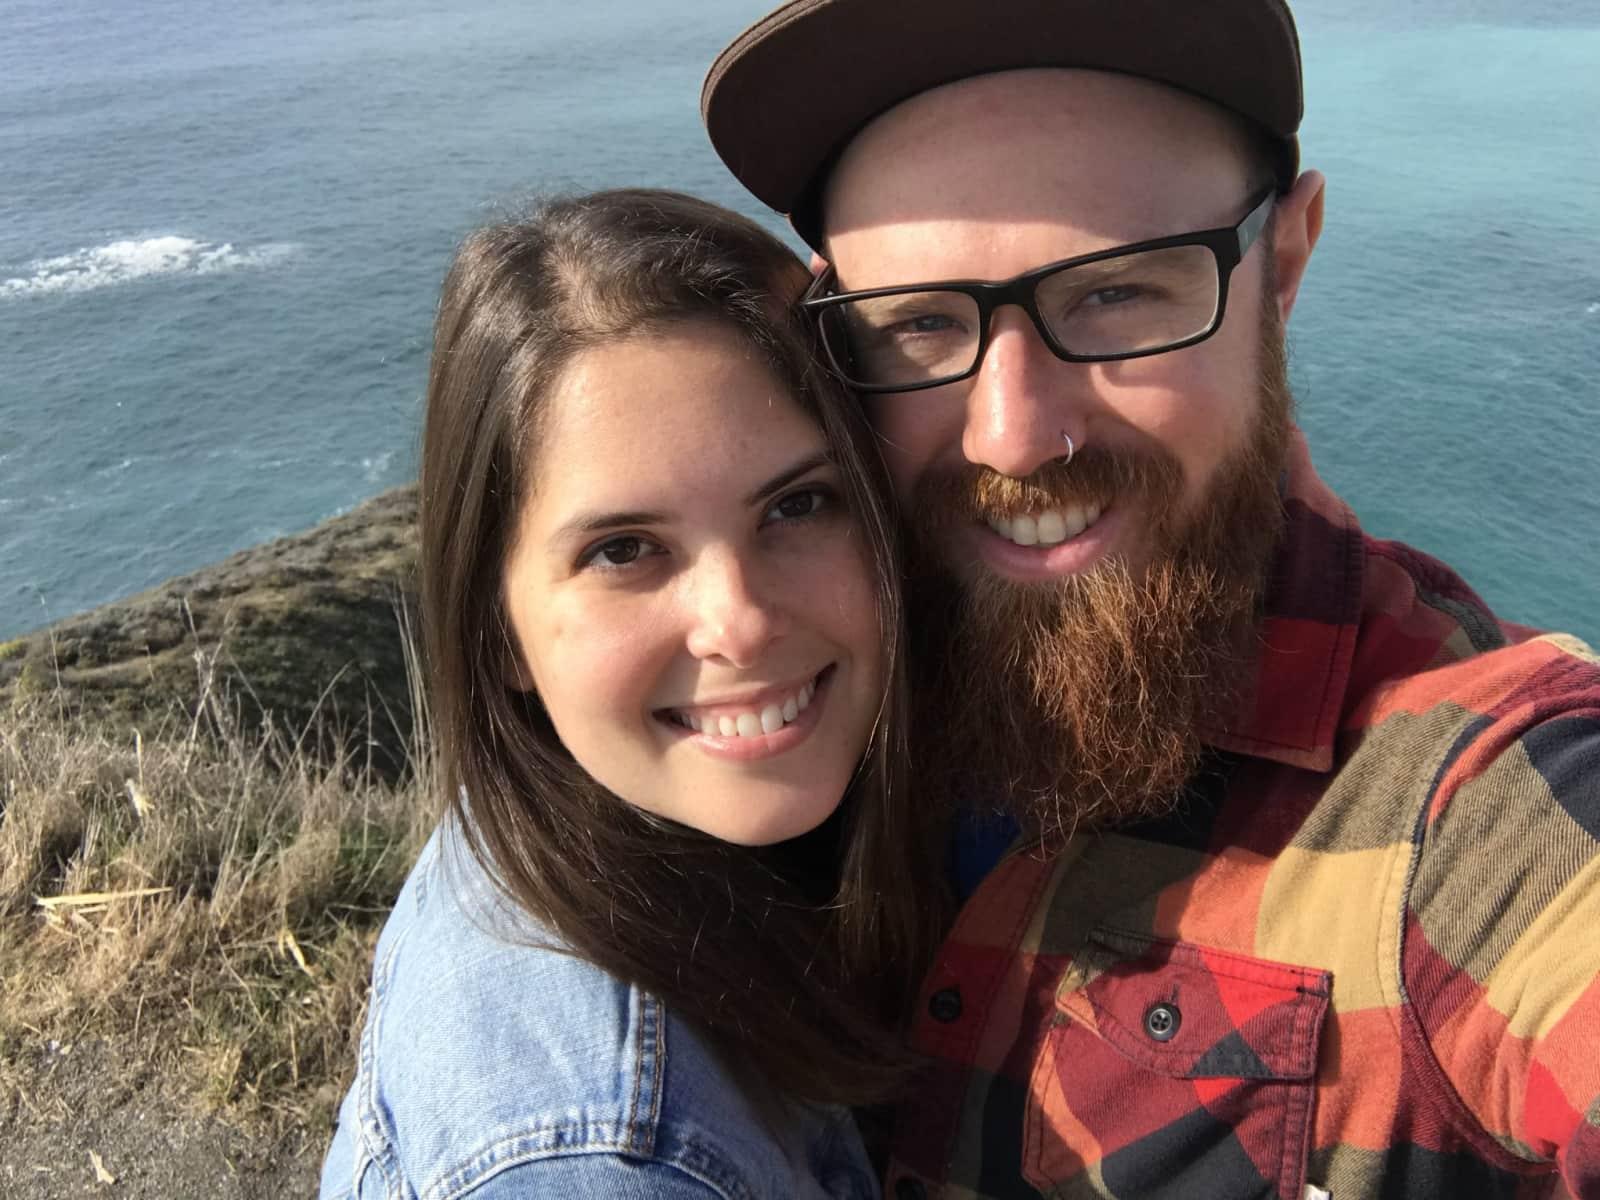 Saskia & Sean from San Francisco, California, United States